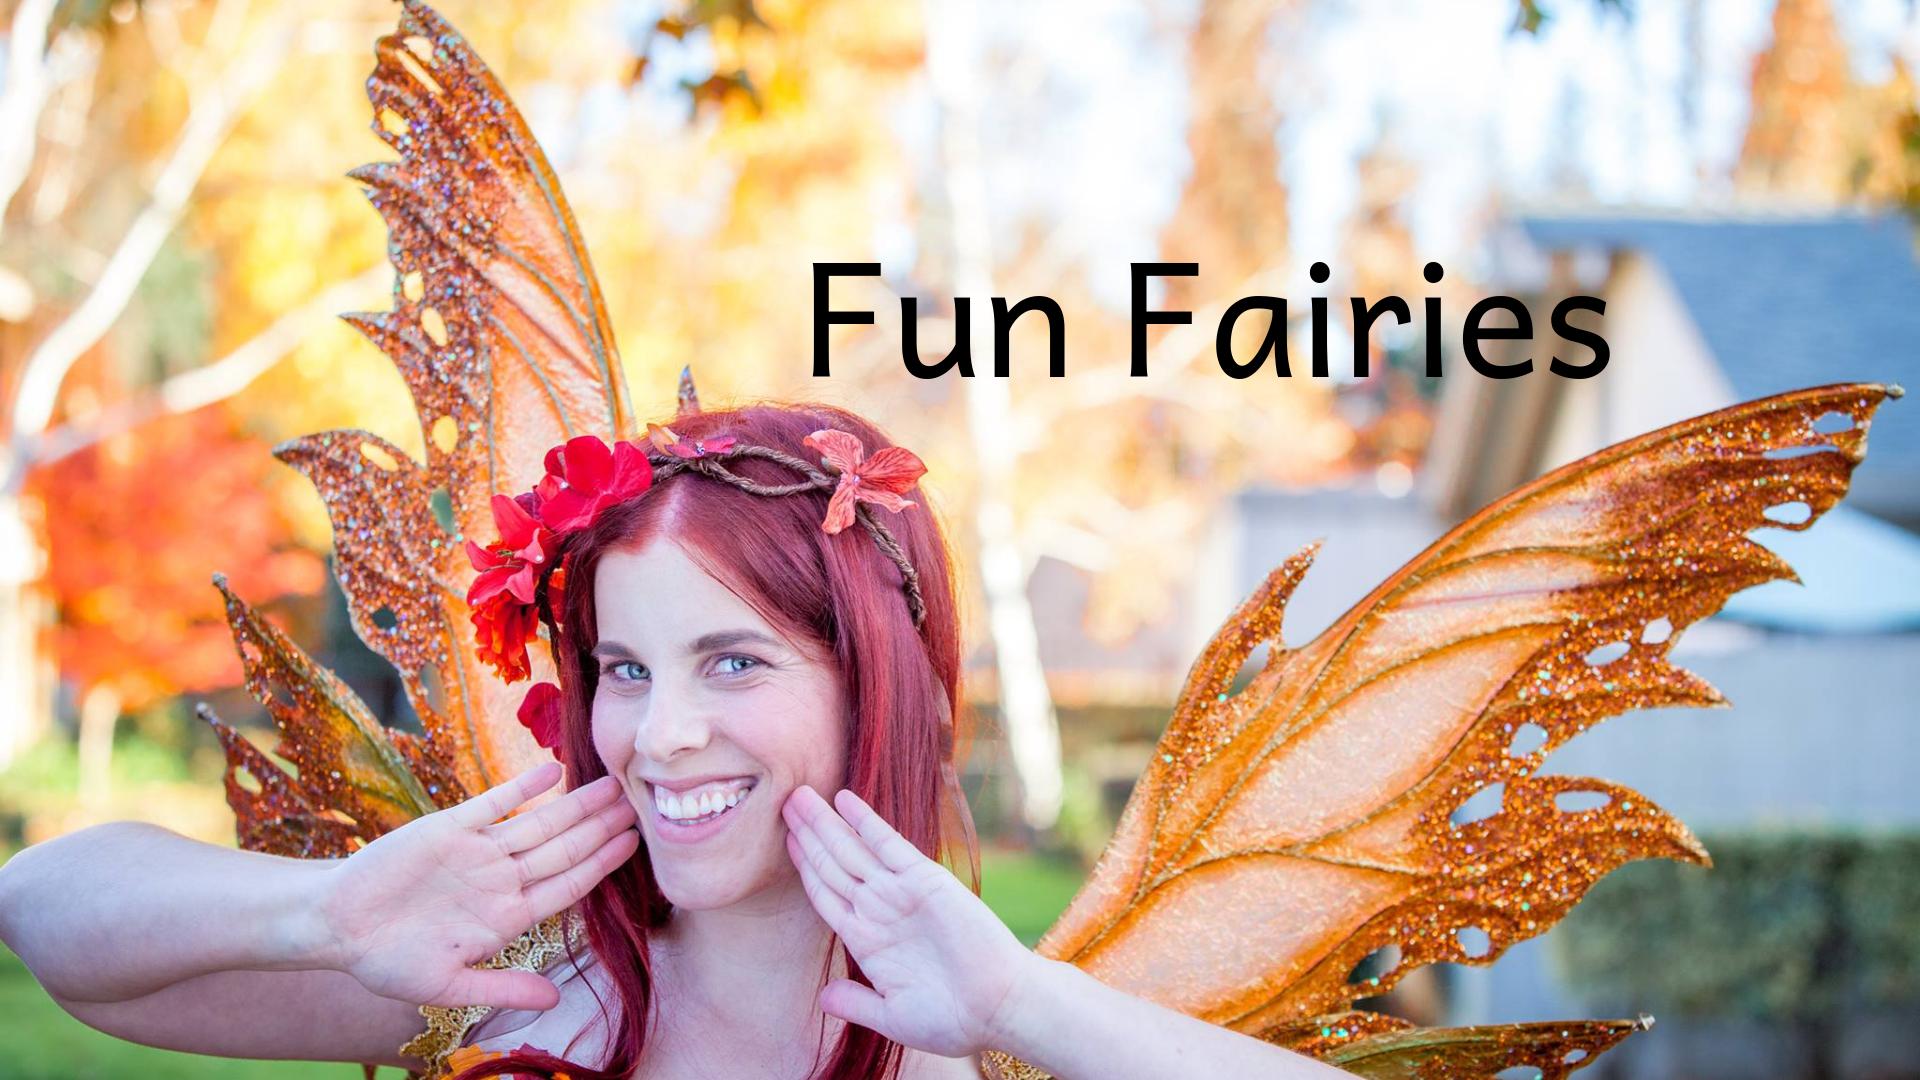 Fun Fairies (2)